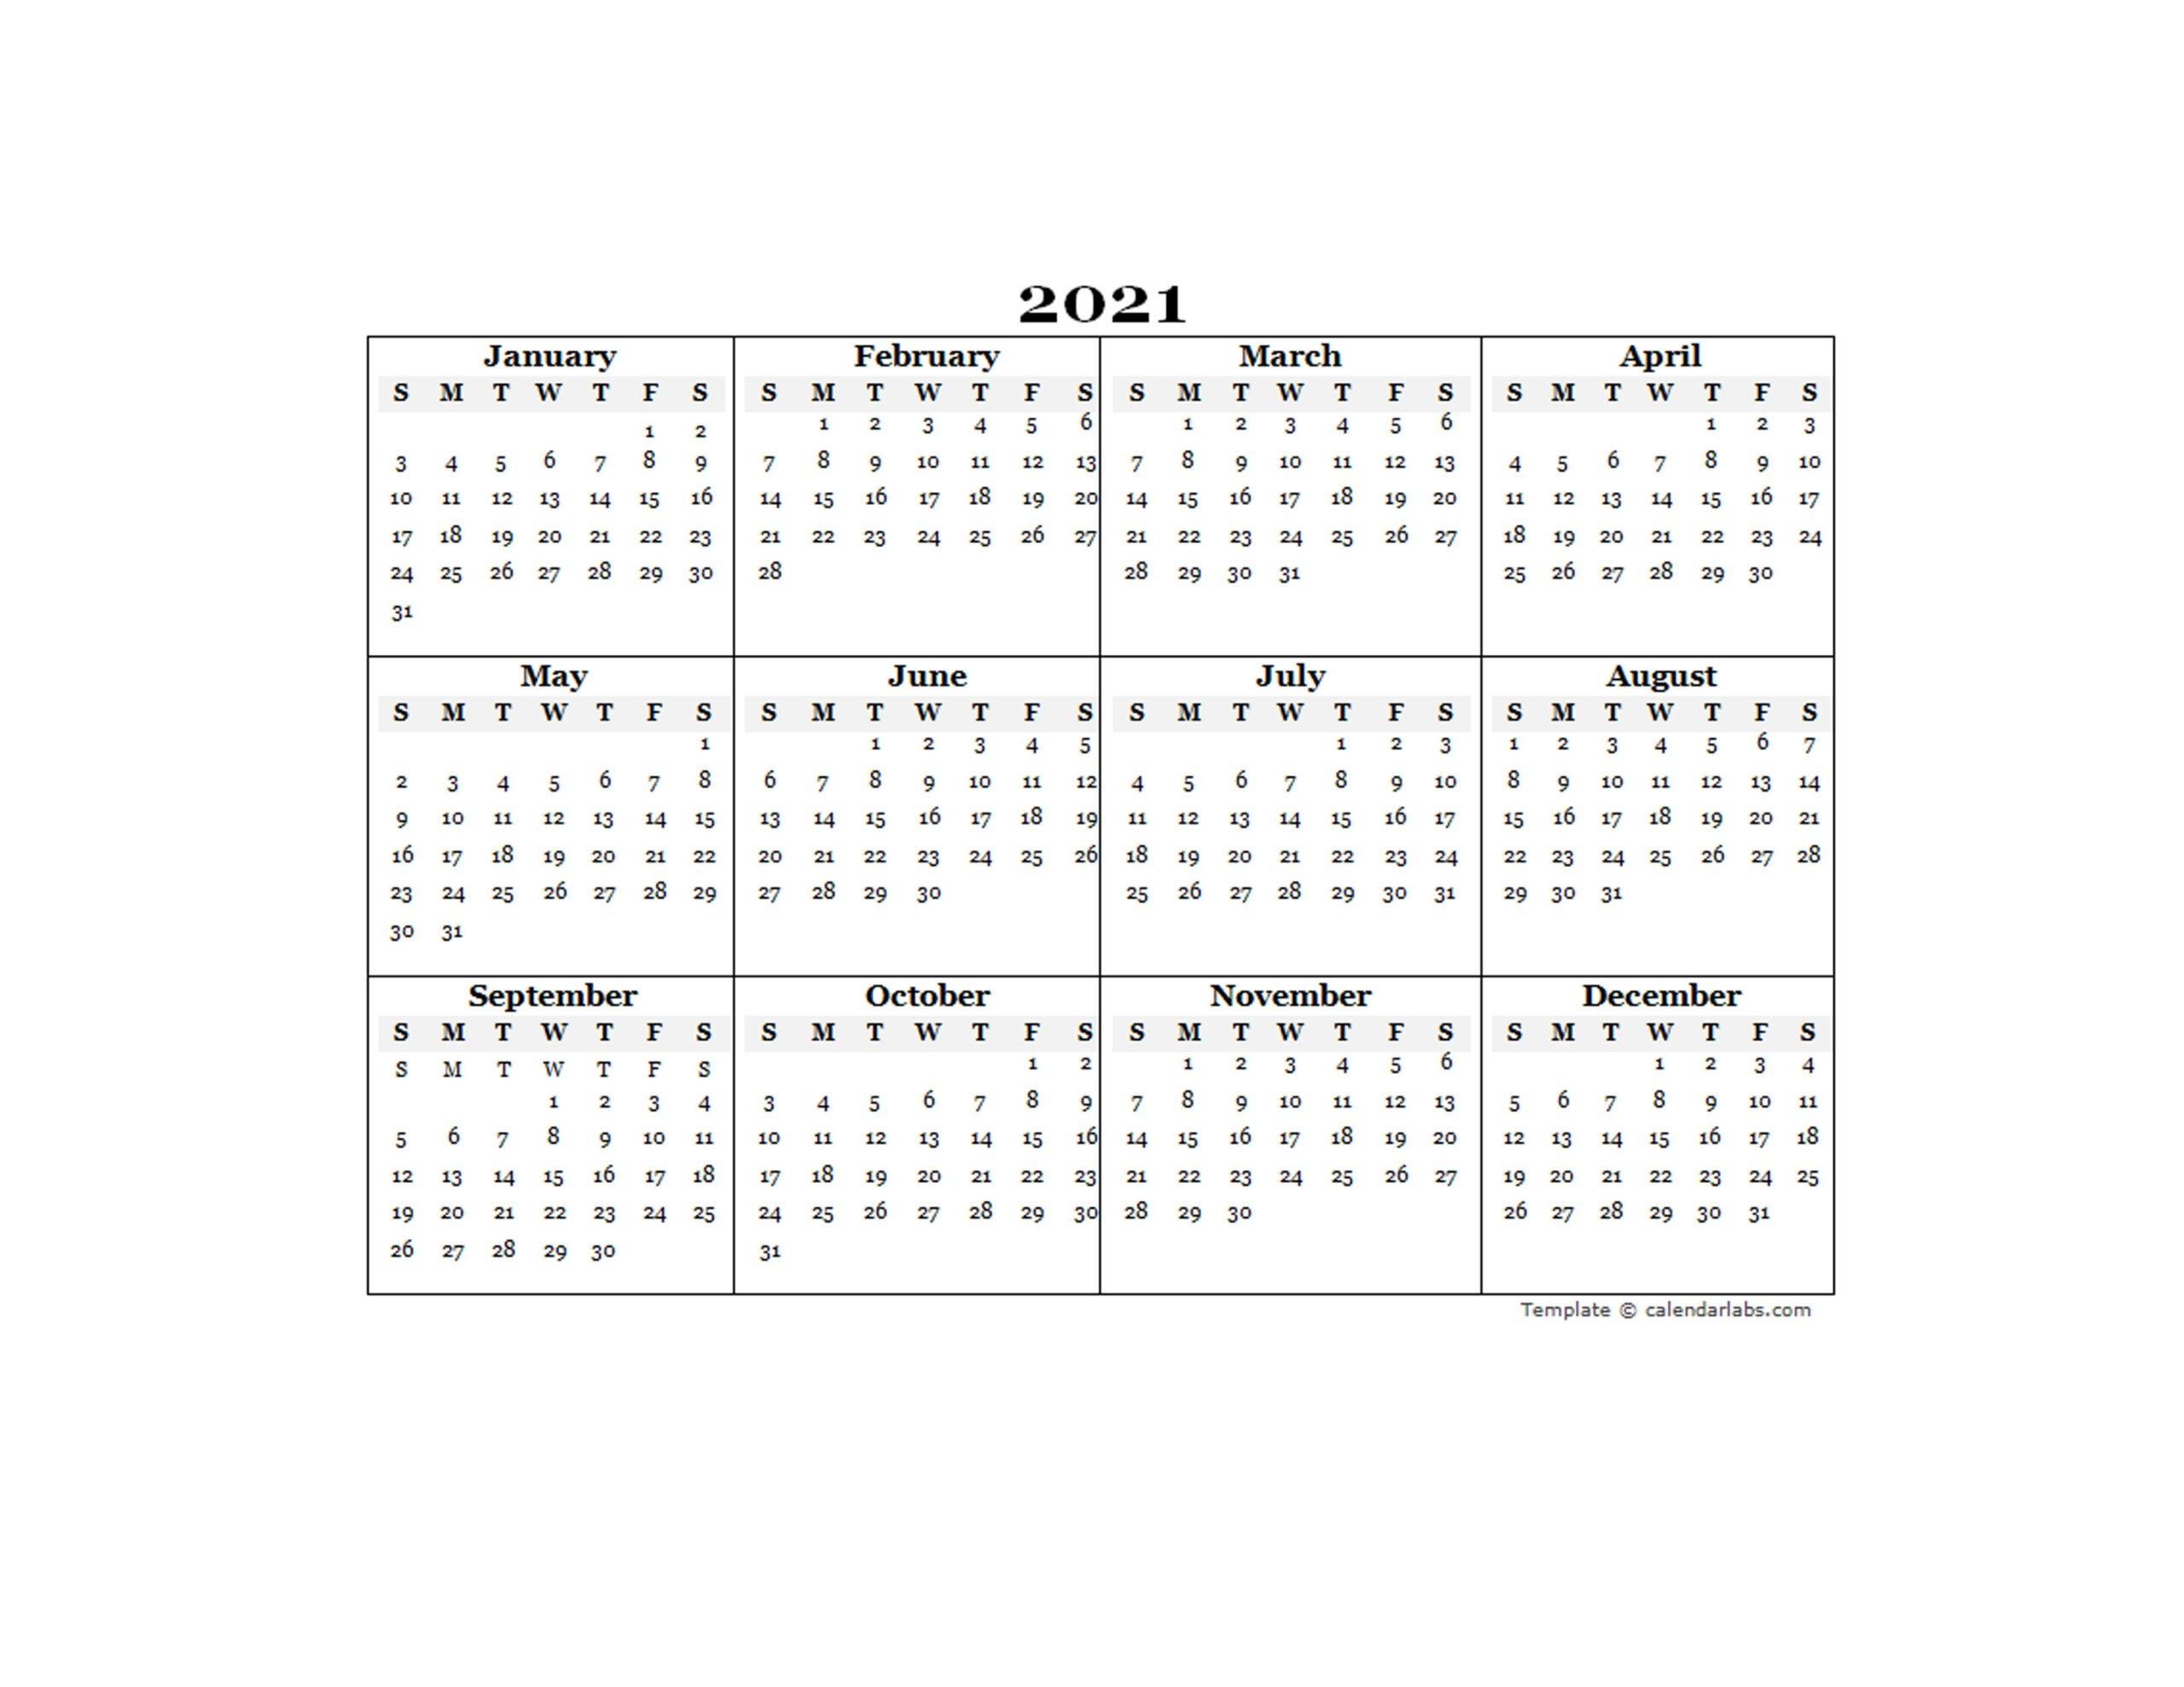 Fiscal Year 2021 Calendar Excel | Printablecalendarsfor2021 regarding Ontario Calendar 2021 With Holidays